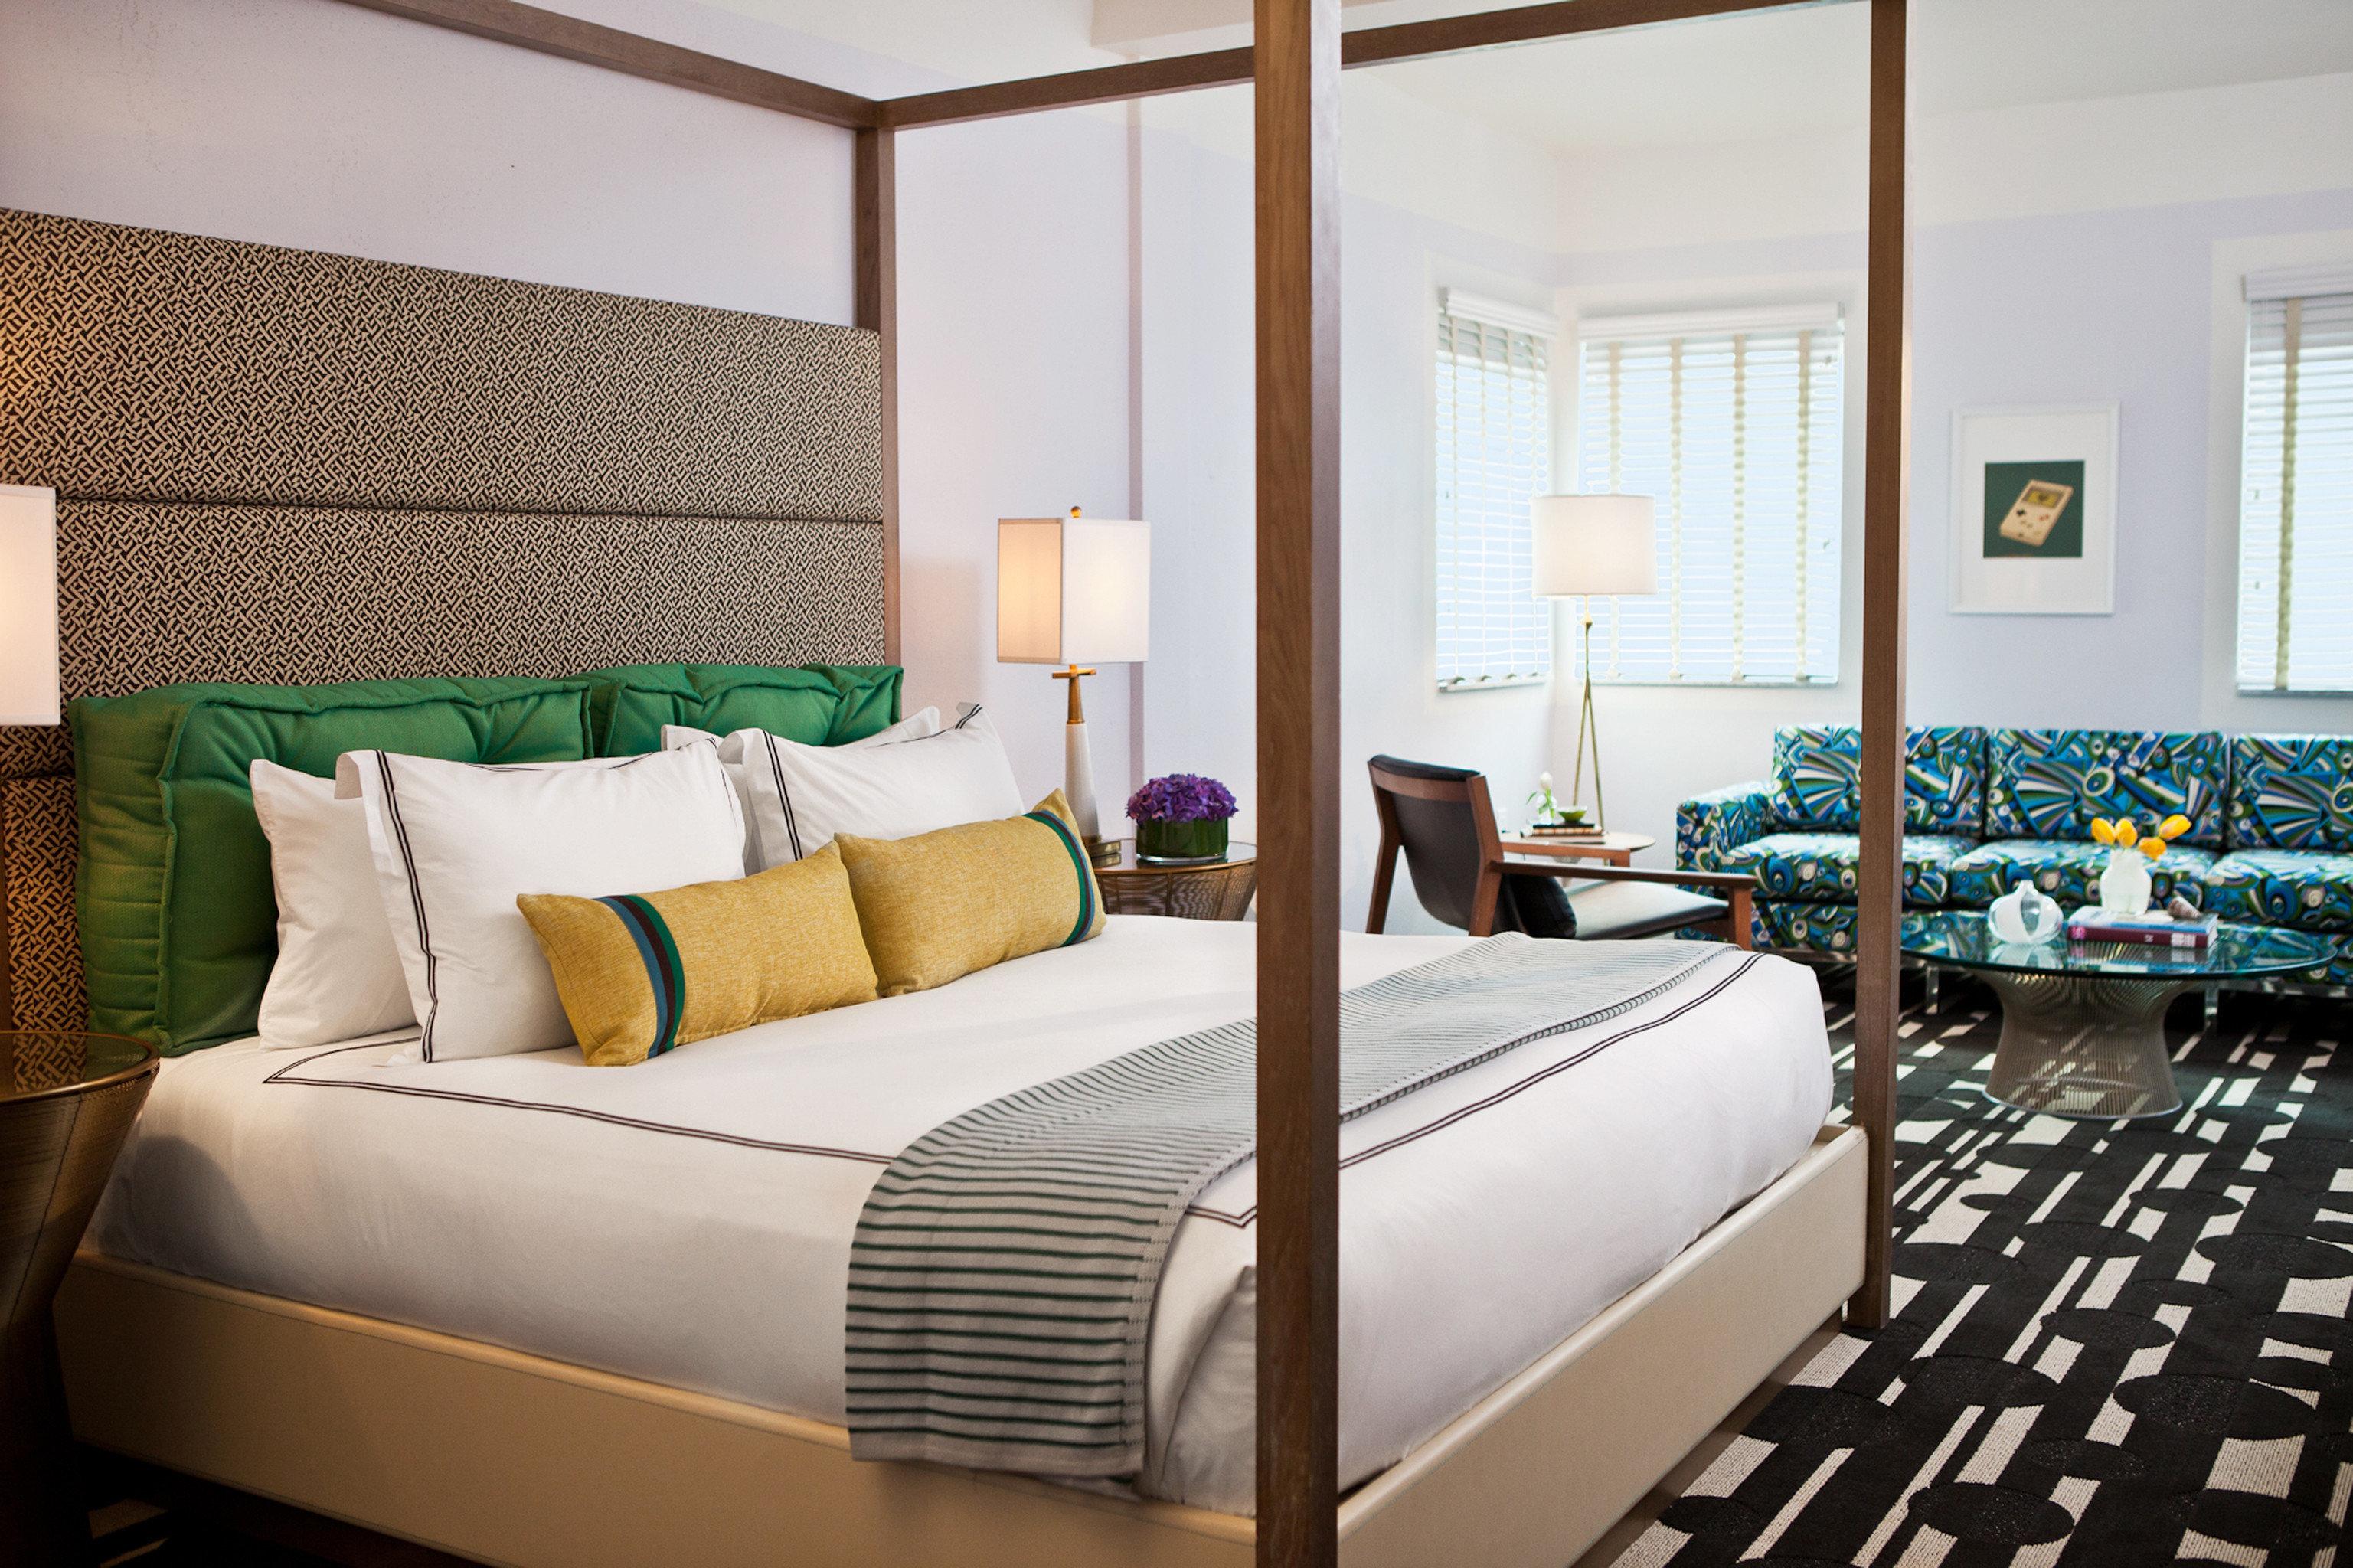 Bedroom Modern Resort sofa property Suite living room bed sheet bed frame cottage lamp